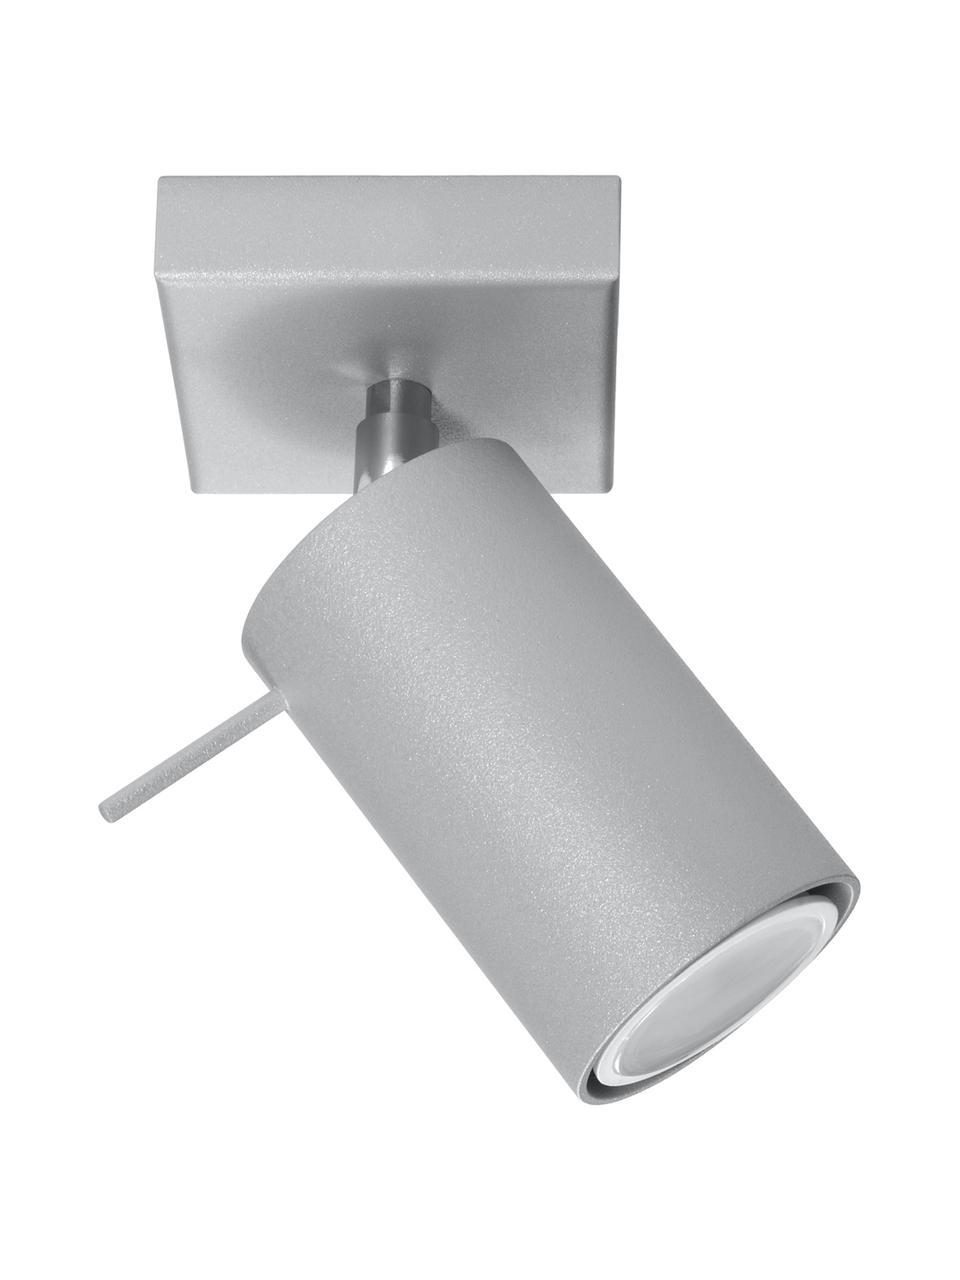 Wand- und Deckenstrahler Etna in Grau, Lampenschirm: Stahl, lackiert, Grau, 8 x 15 cm